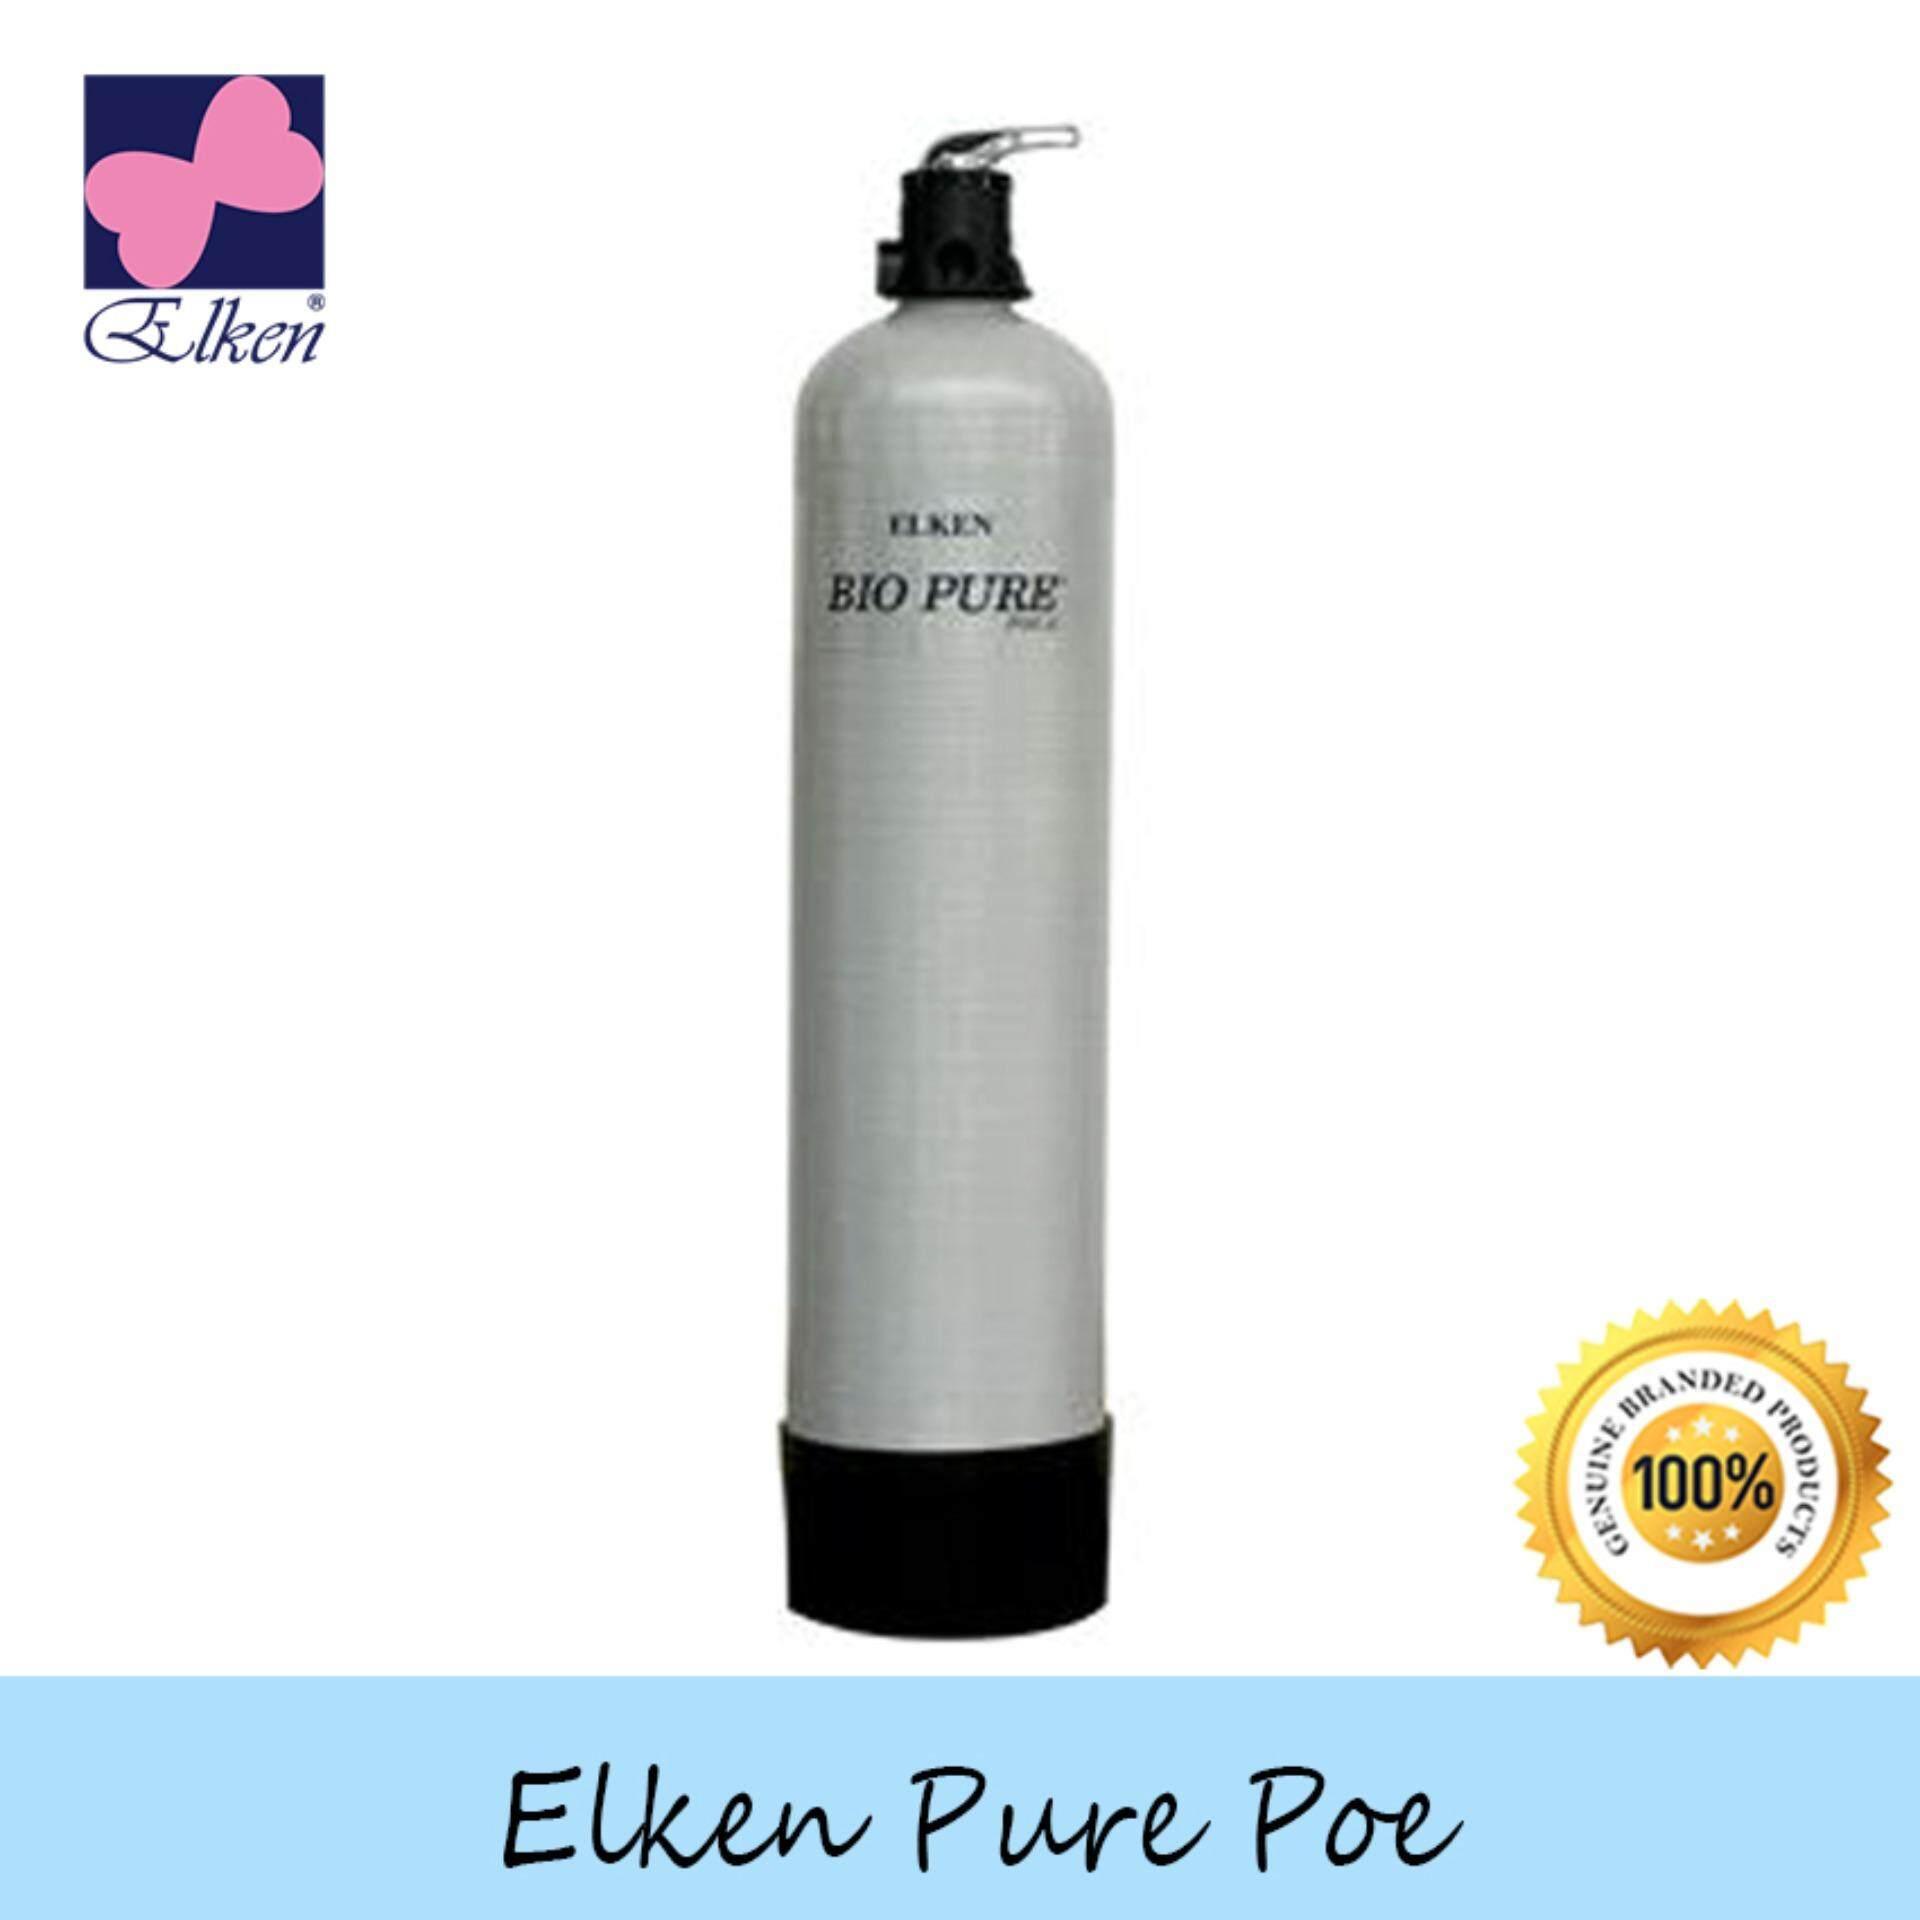 Elken Bio Pure POE II (Manual) - ENEP01A